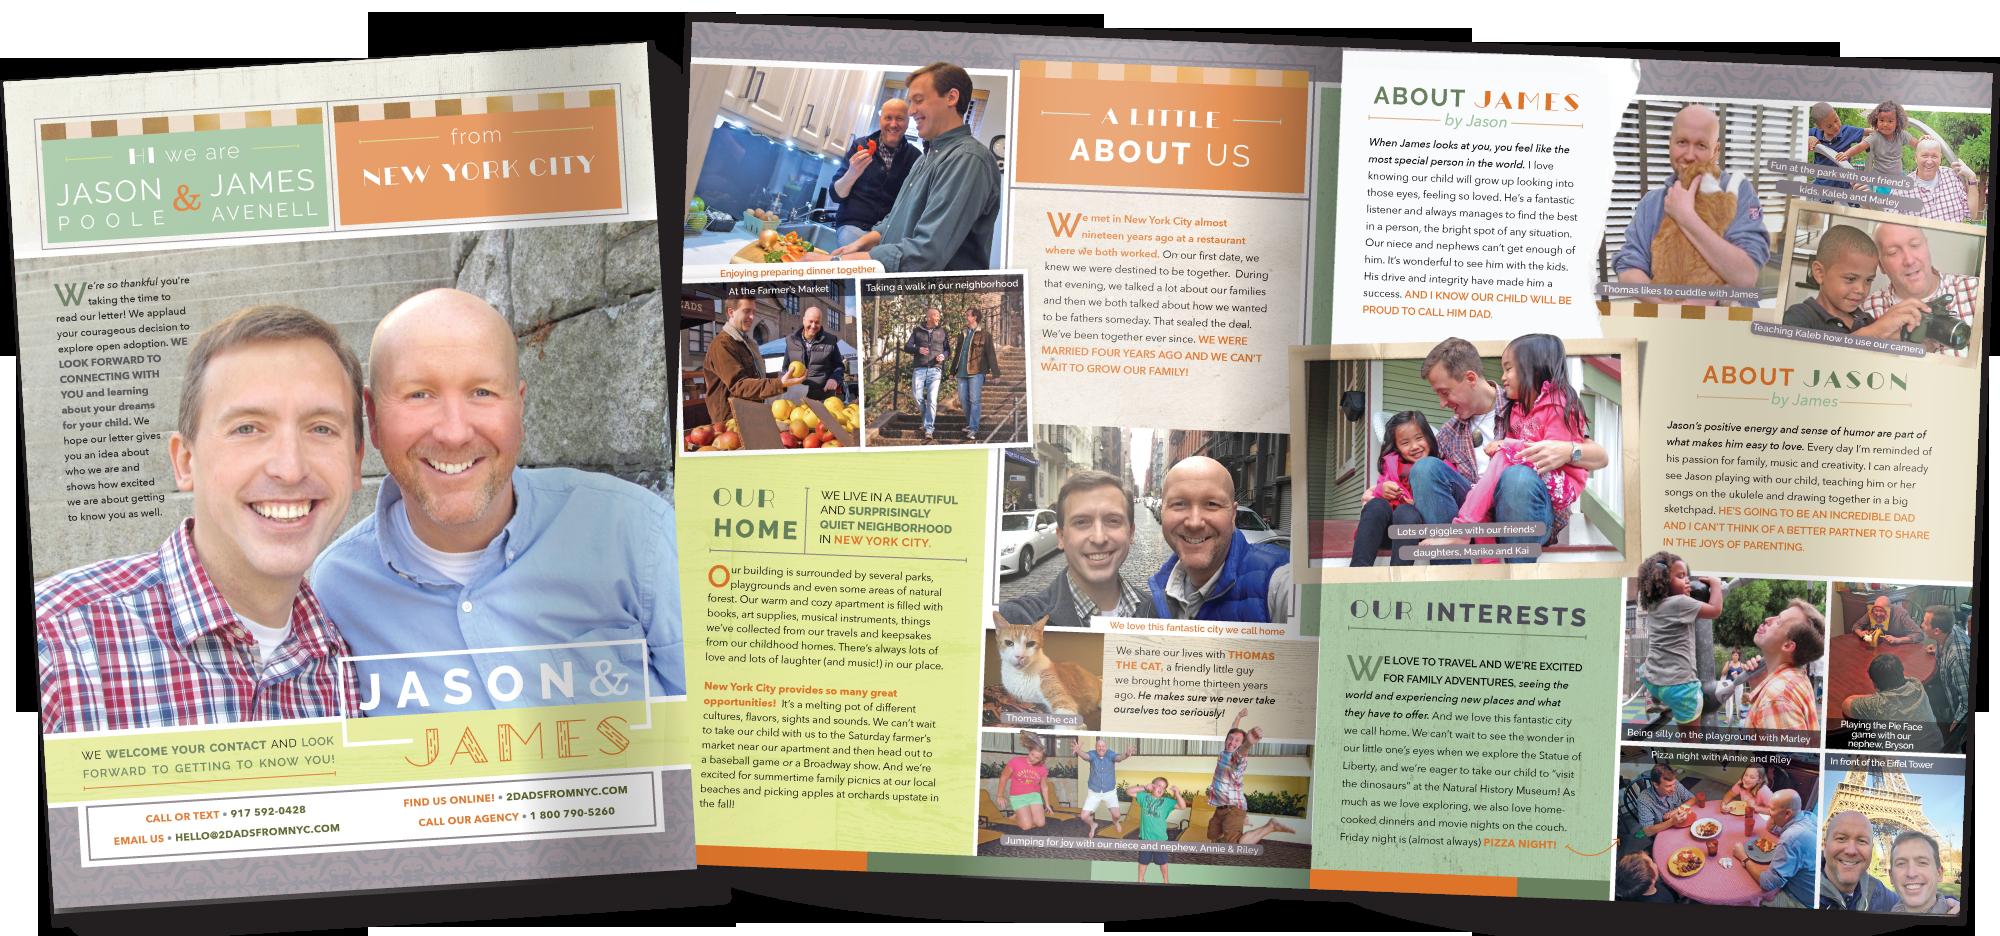 hopefully parents website hosting adoptive families outreach